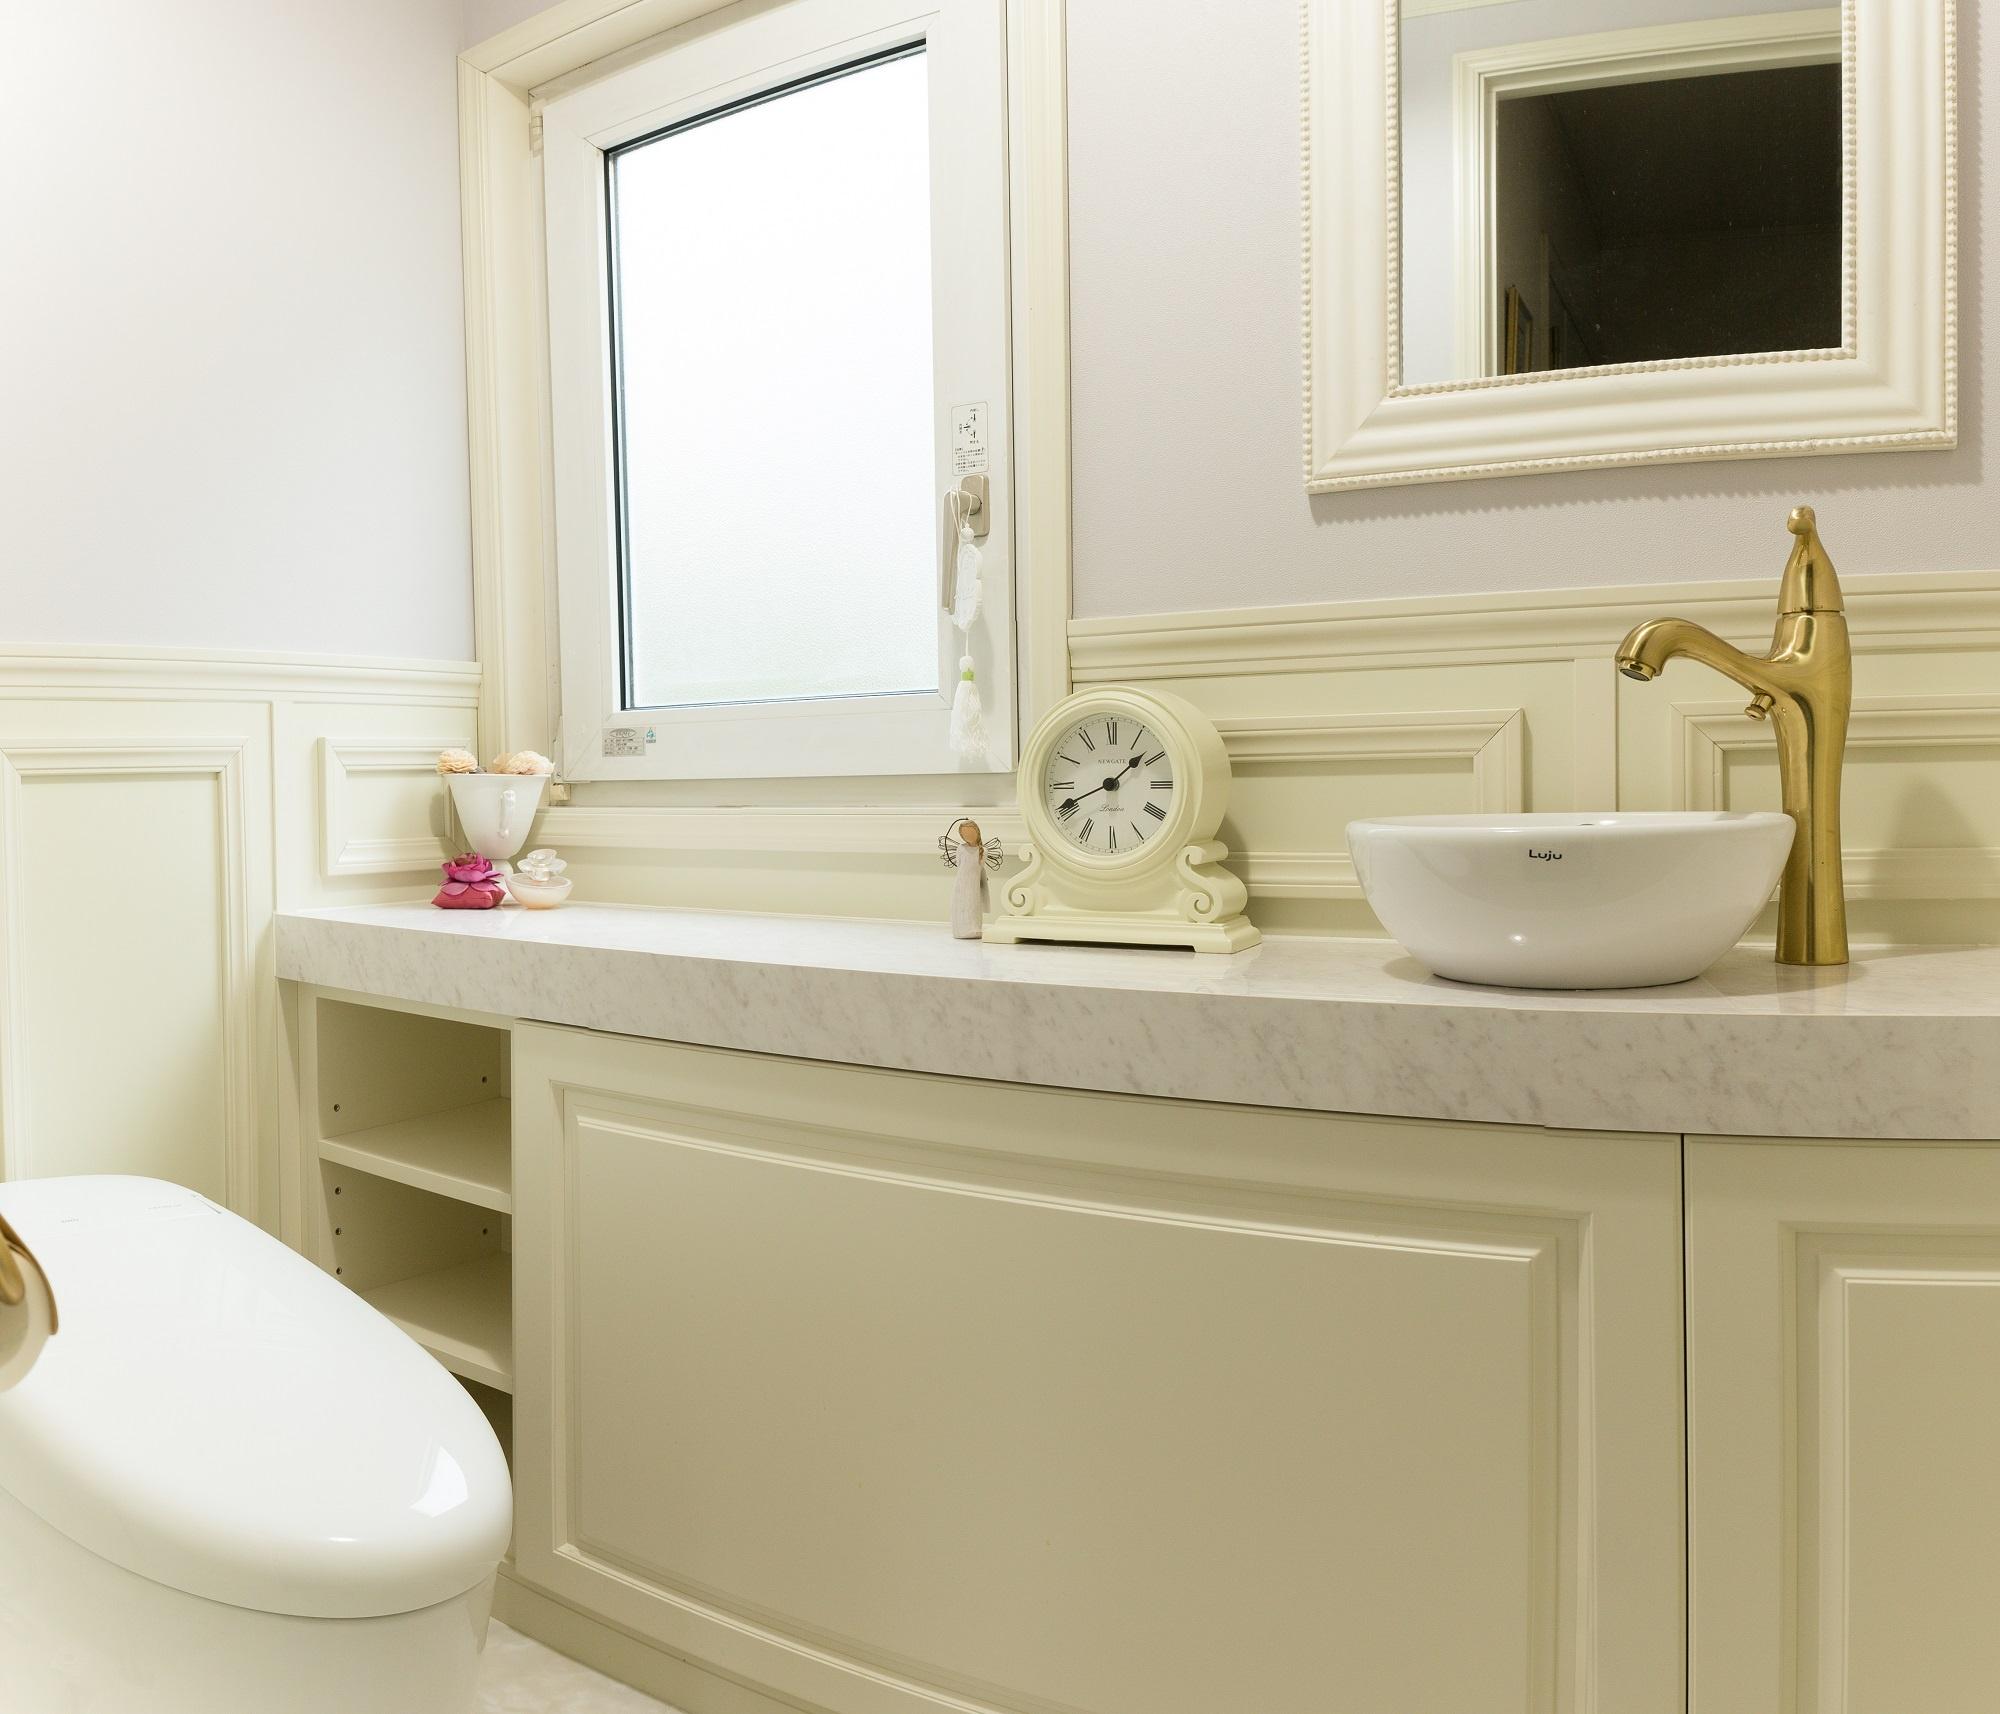 造作の四方枠や人工大理石で豪華さを演出したトイレ